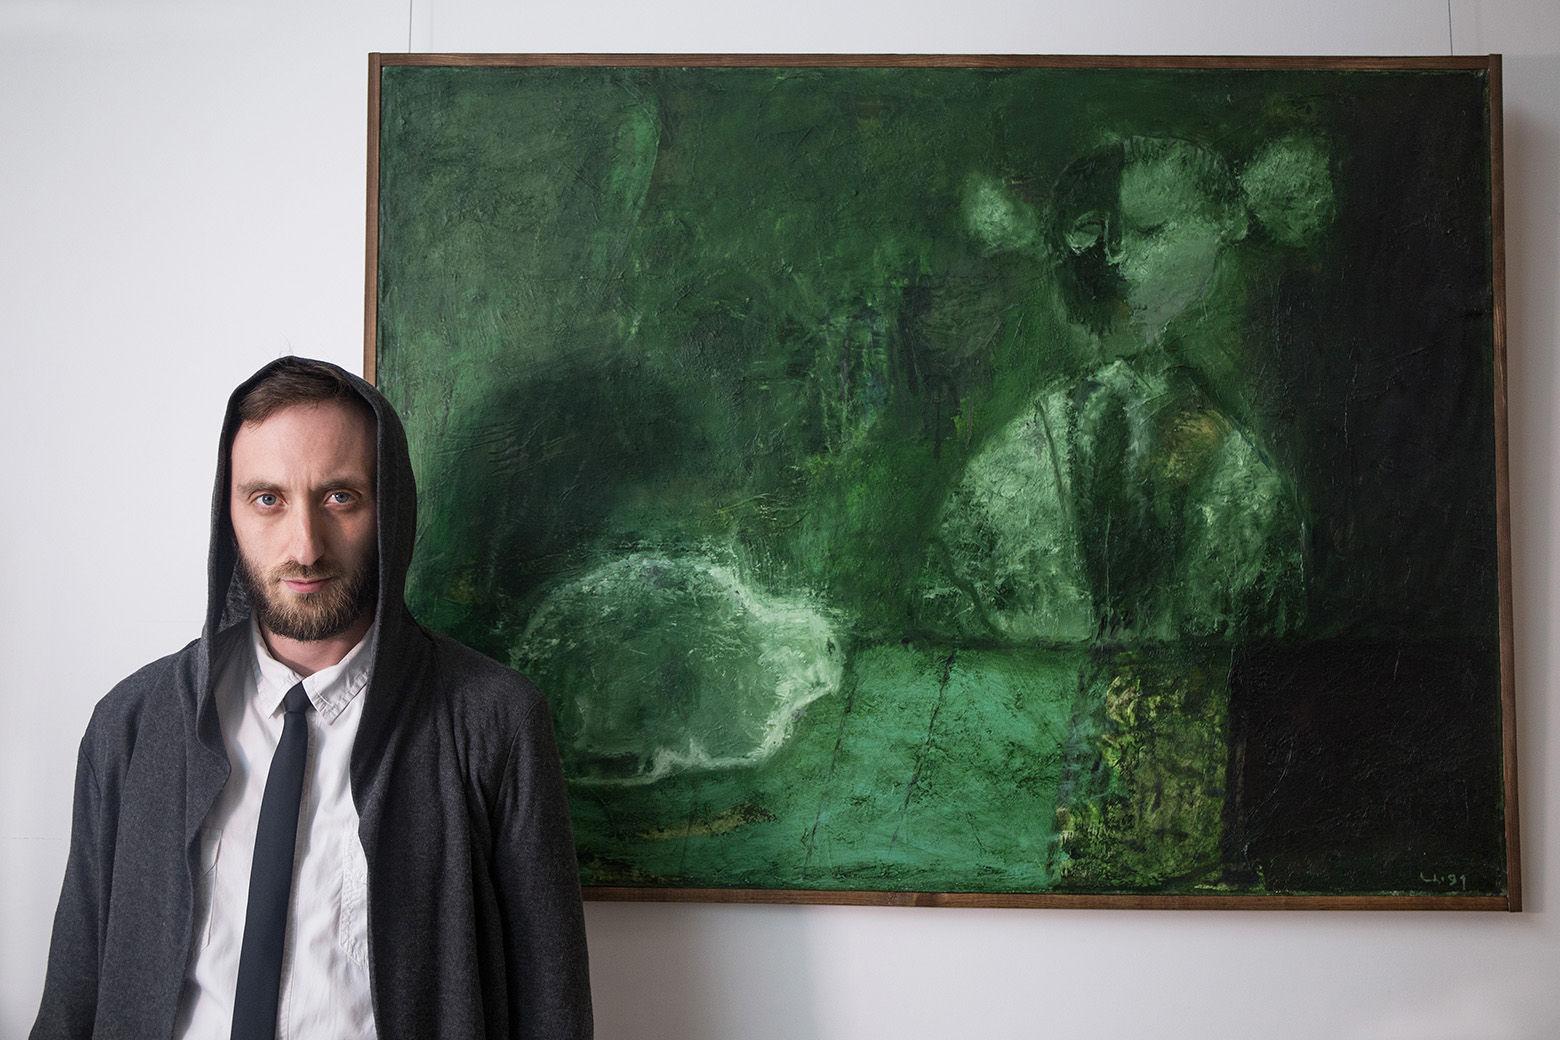 Дмитрий Солодкий, Национальный художественный музей